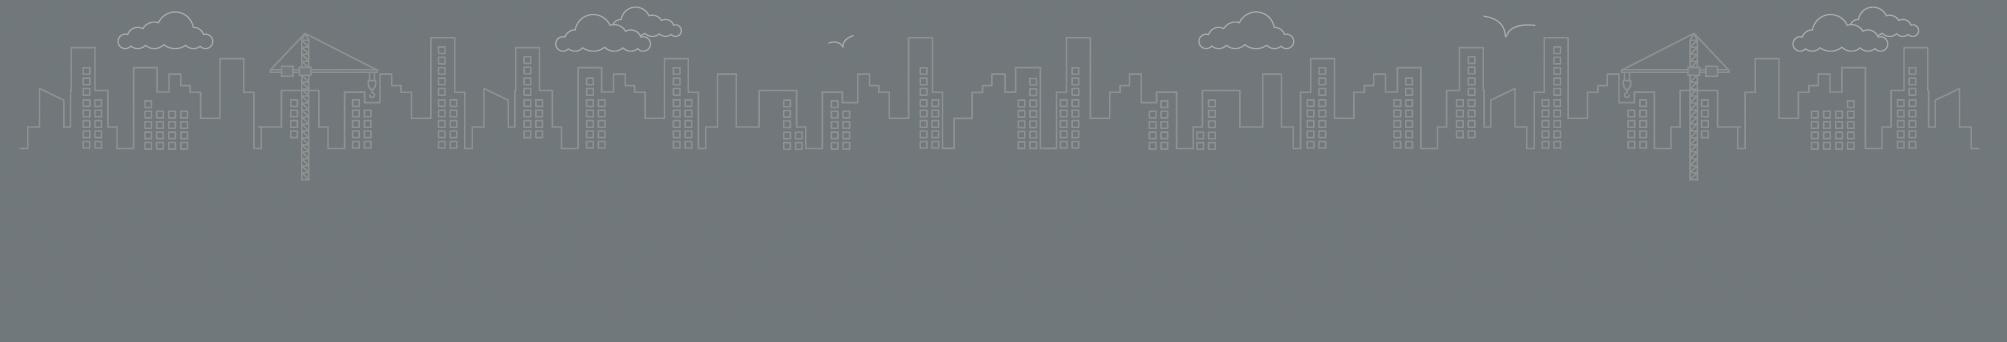 Digital Landing page header V3.jpg